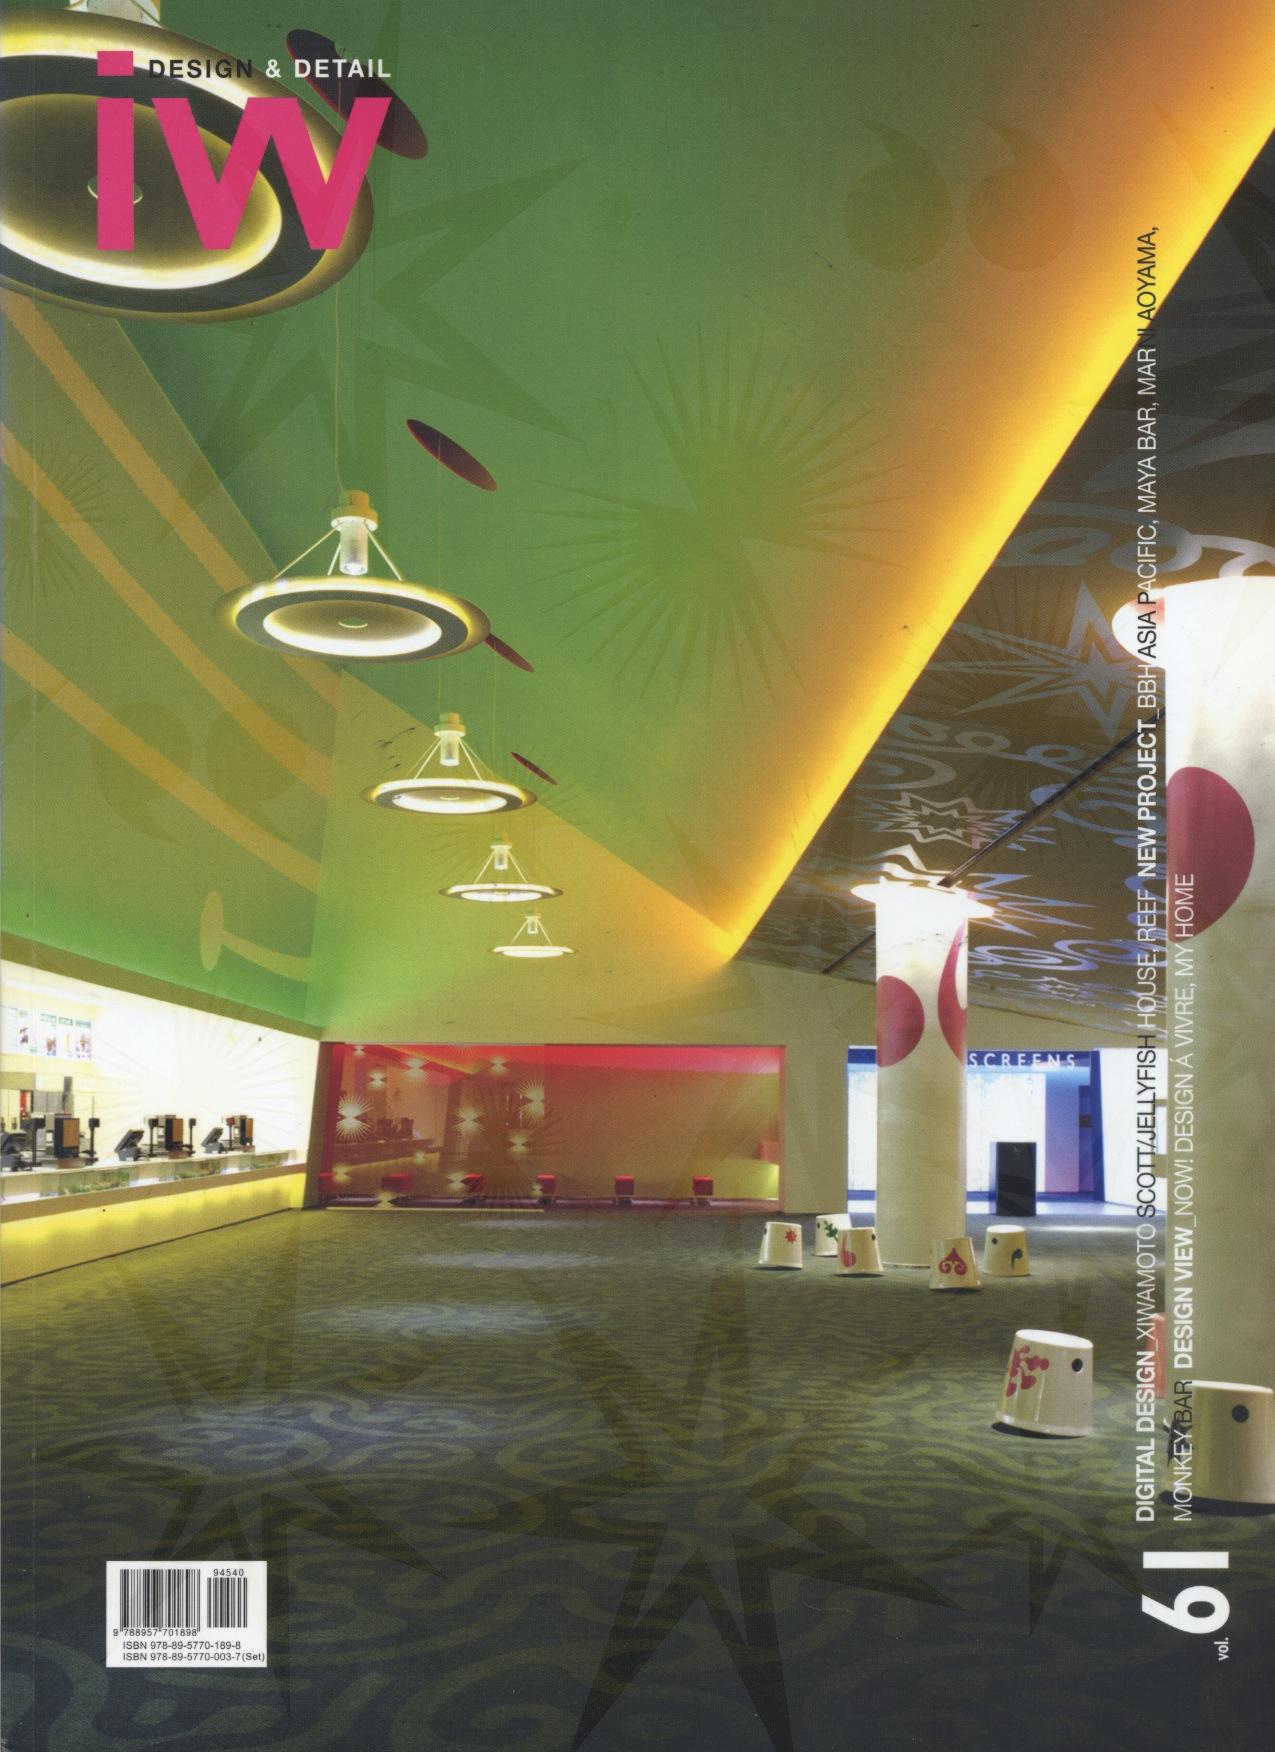 © ghislaine viñas interior design-iw.2007.jpeg